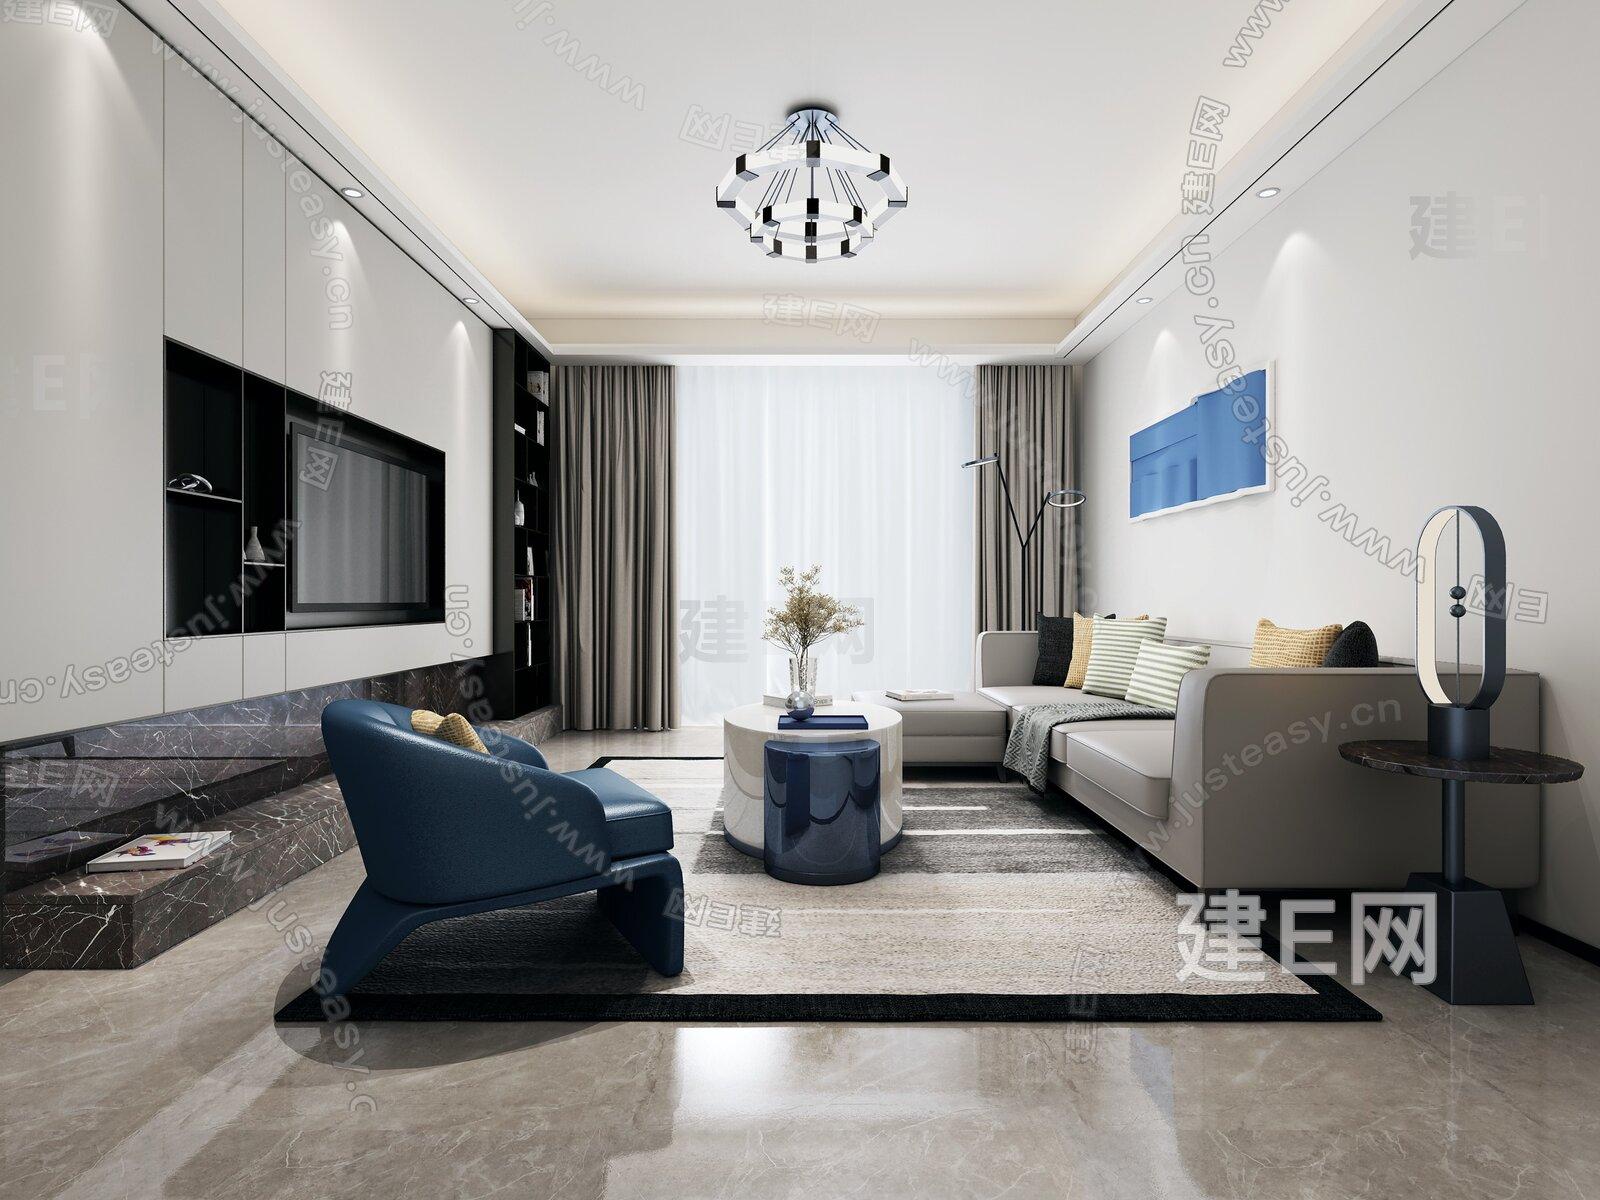 大研设计 现代客厅3d模型